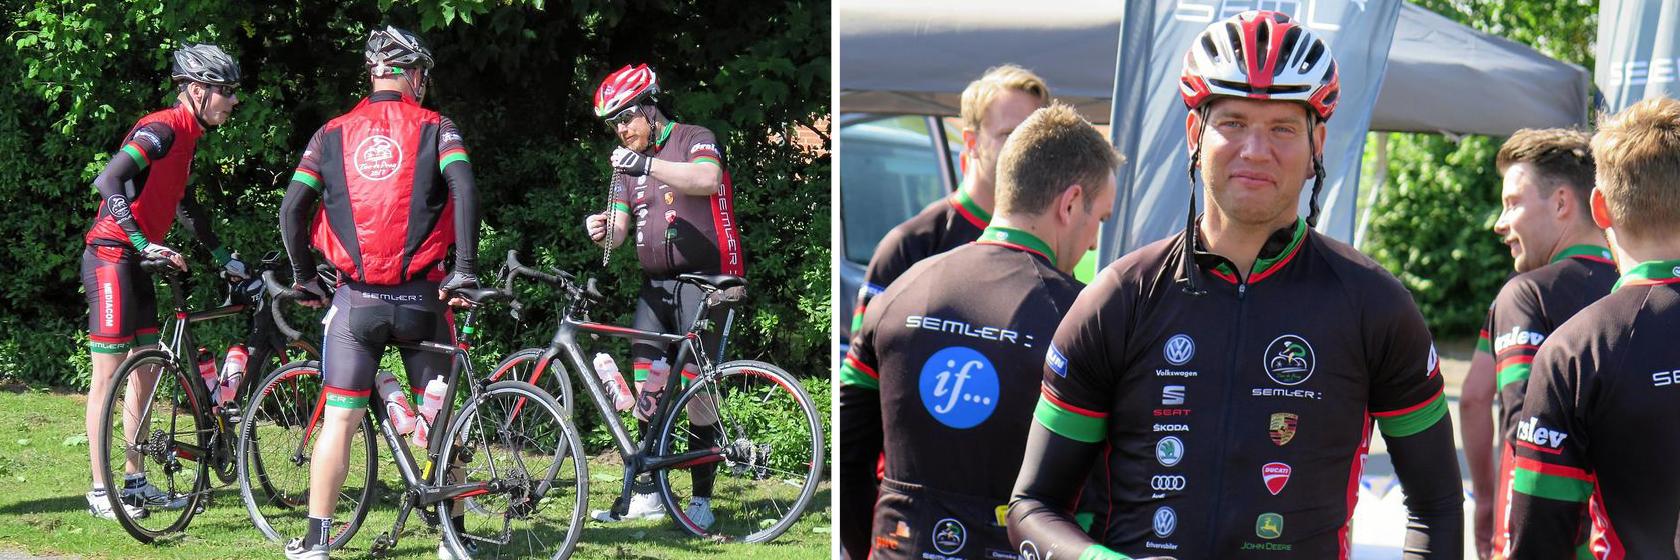 Vi tilbyder totalløsninger på cykelrejser